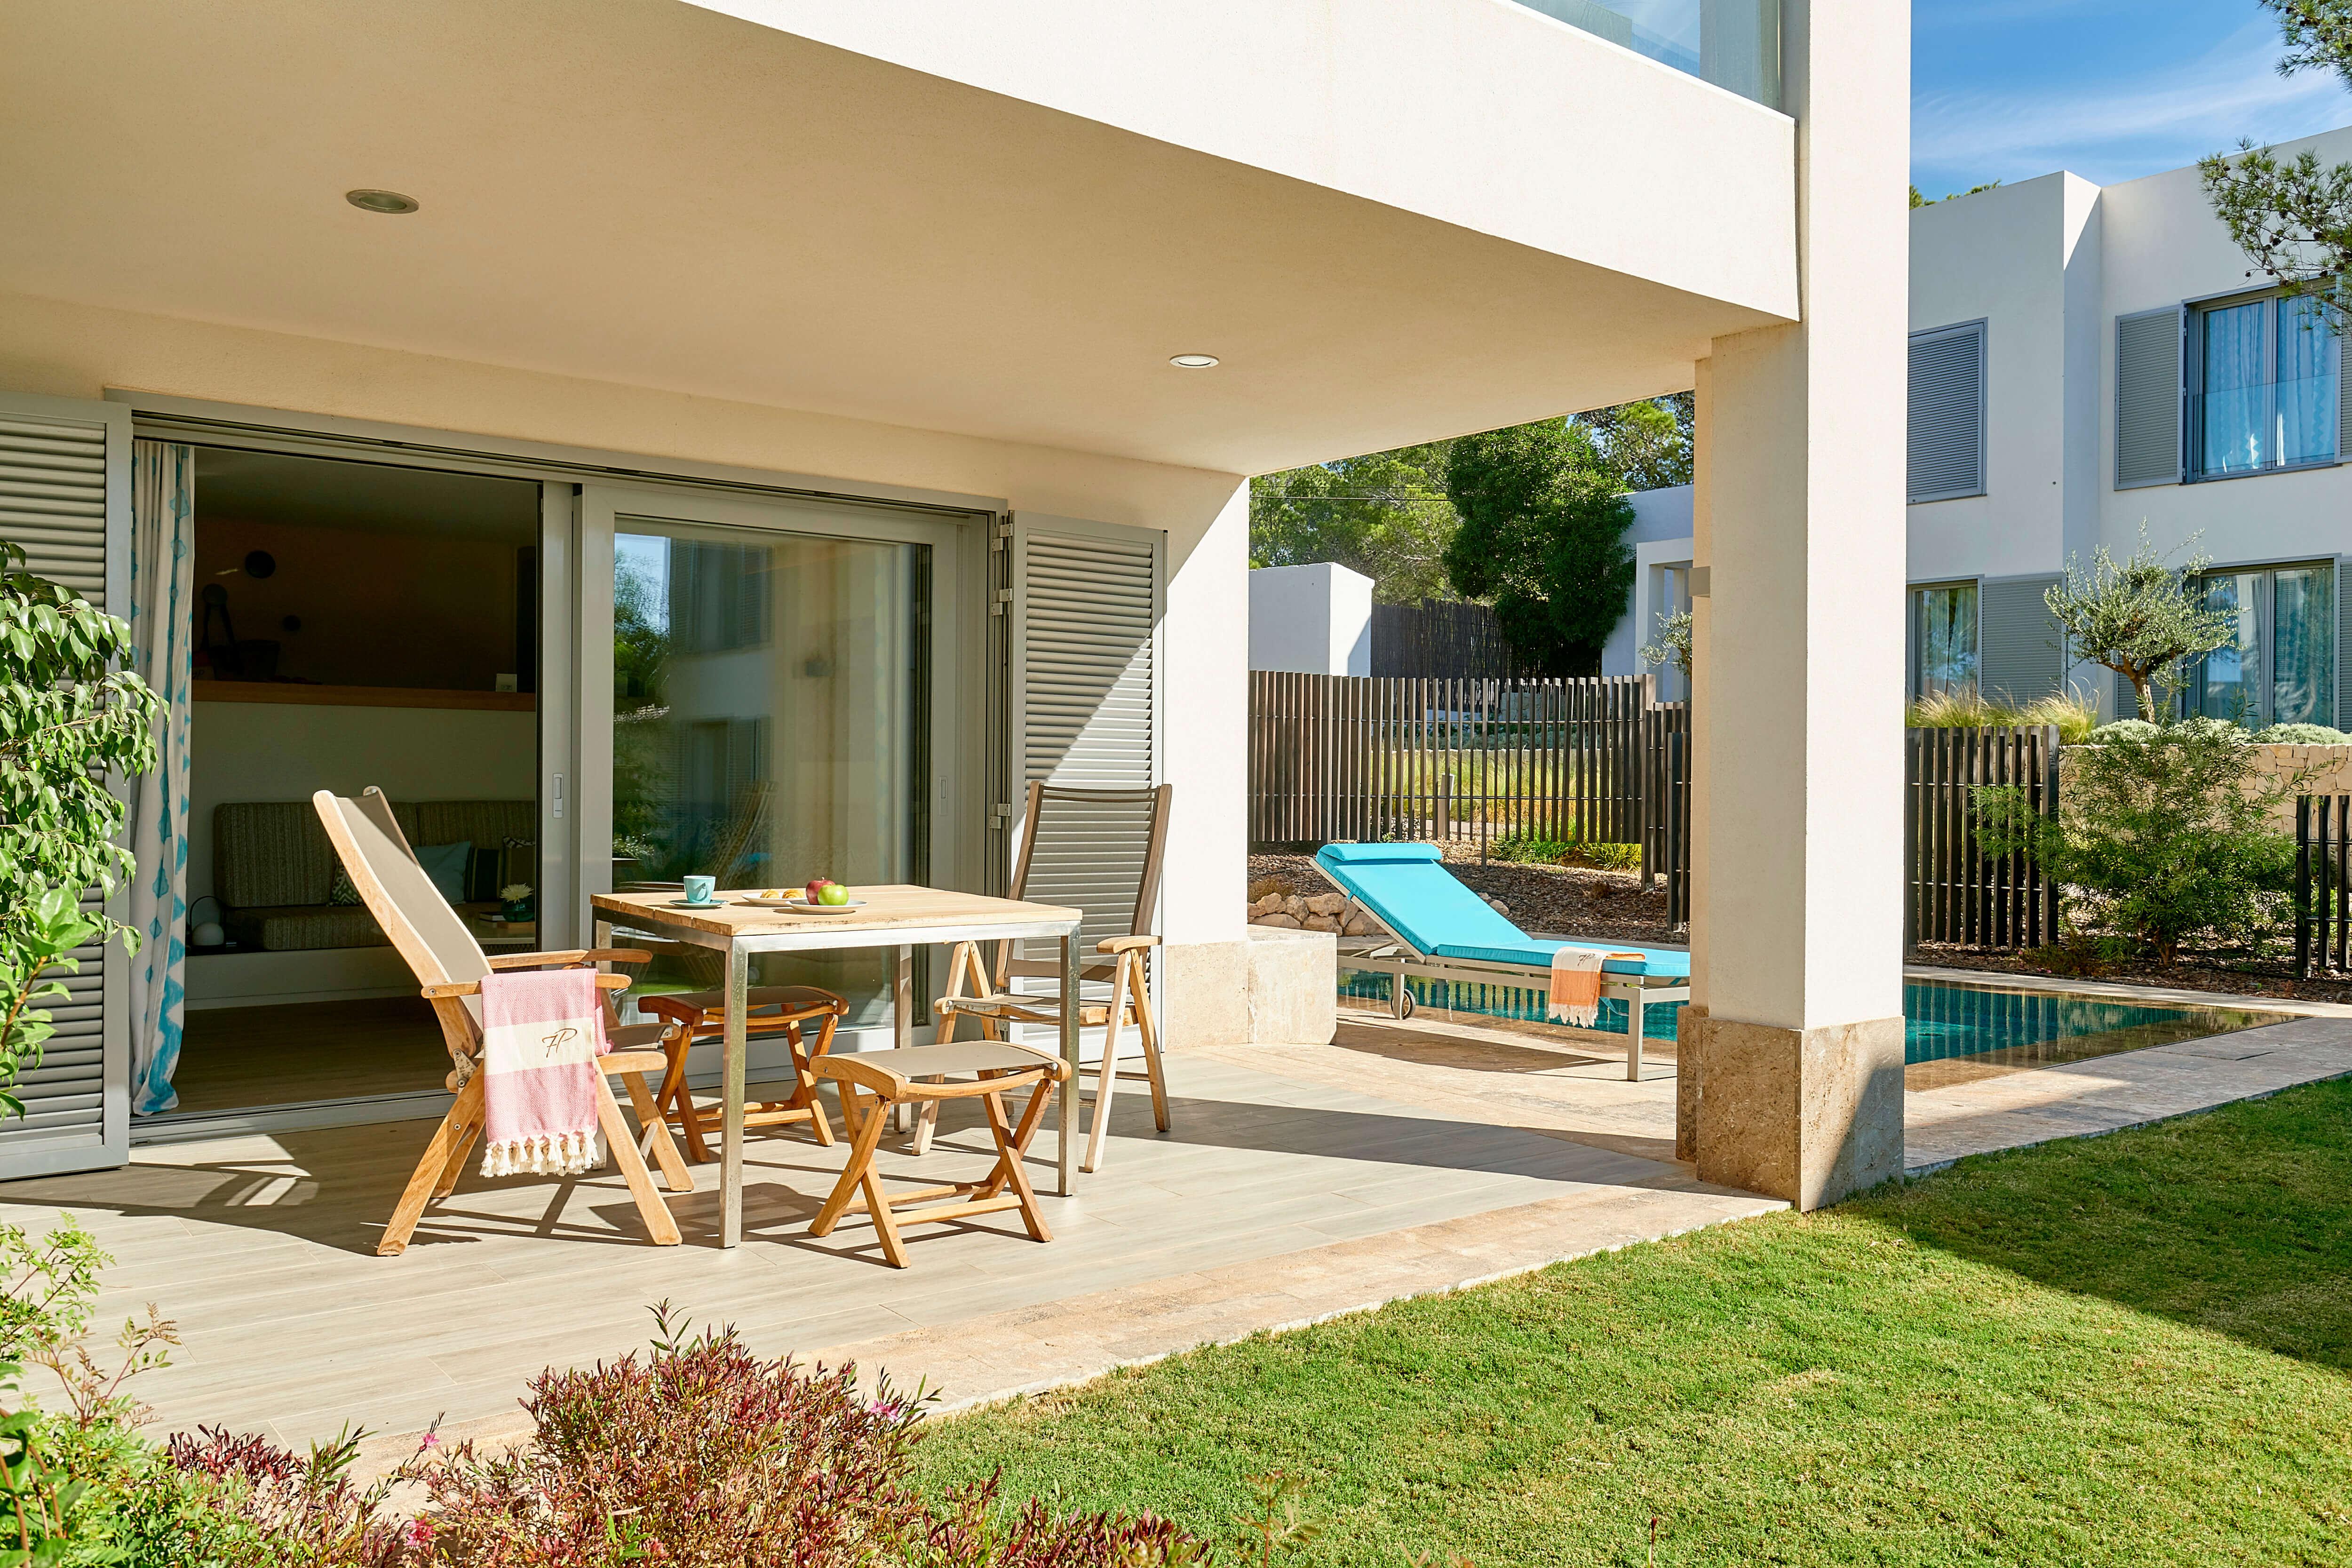 7KIBZ1_Garden-Pool-Suite_6_H